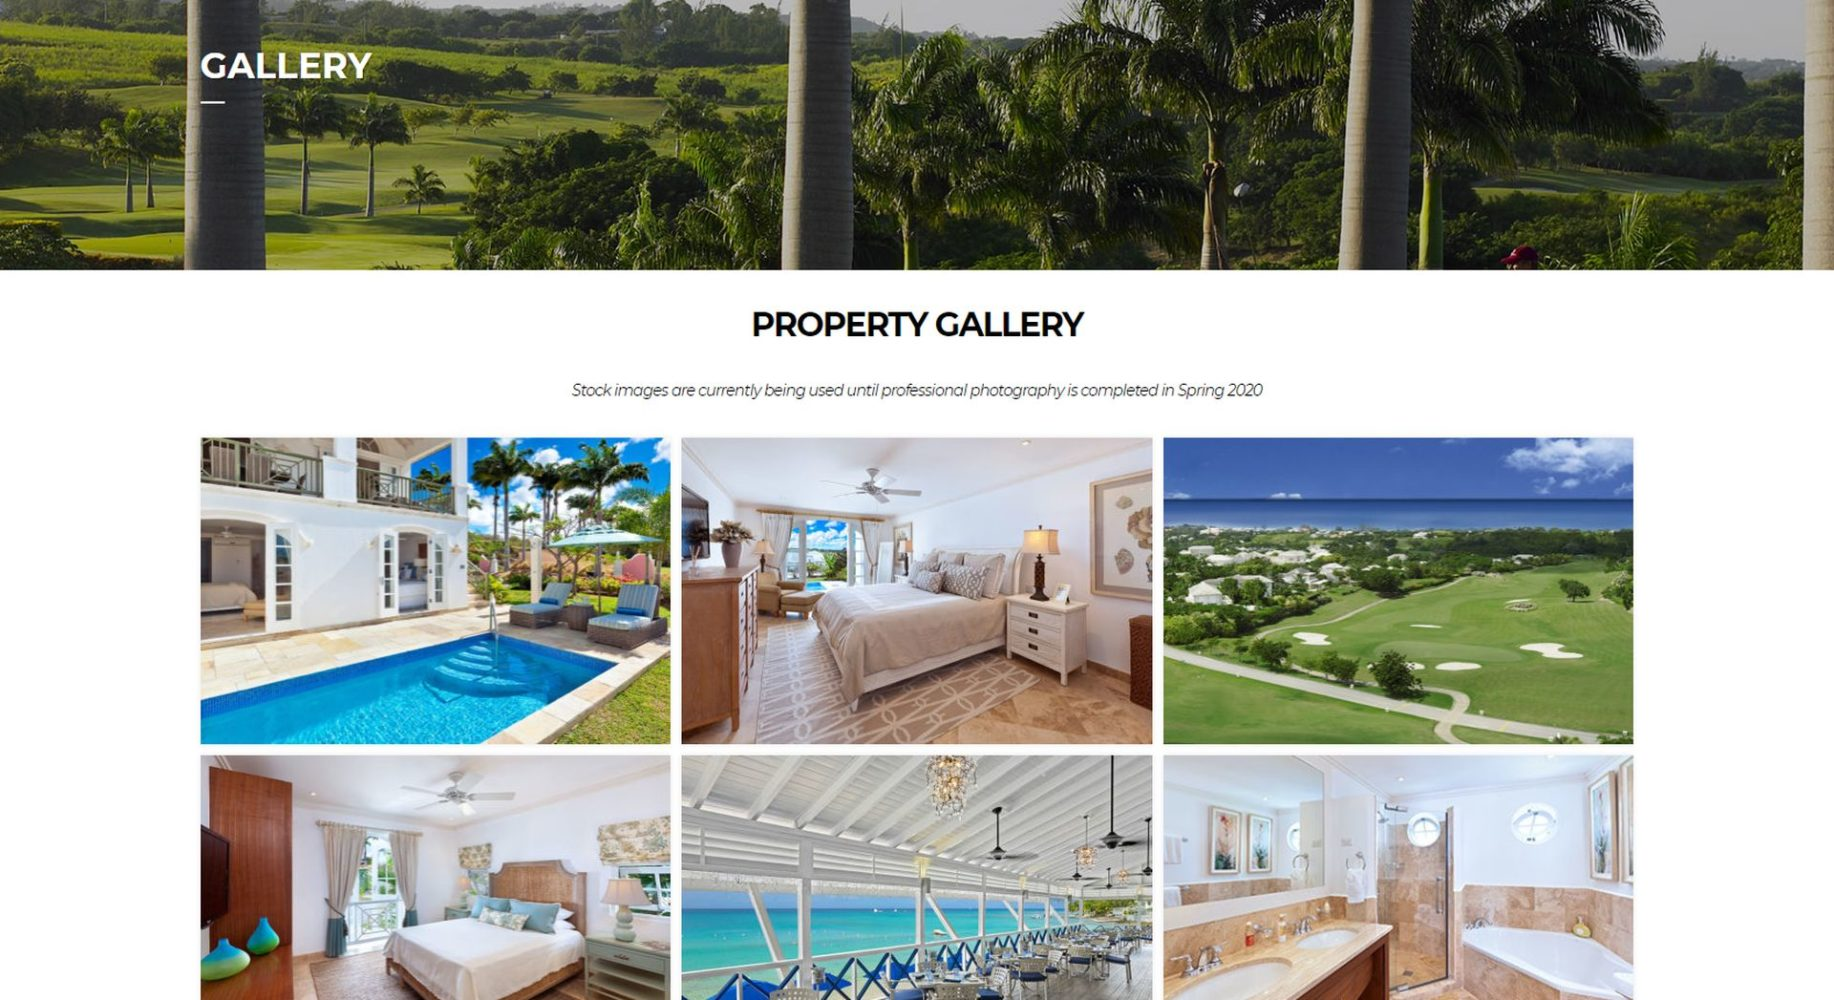 Barbados Villa Website Design Gallery